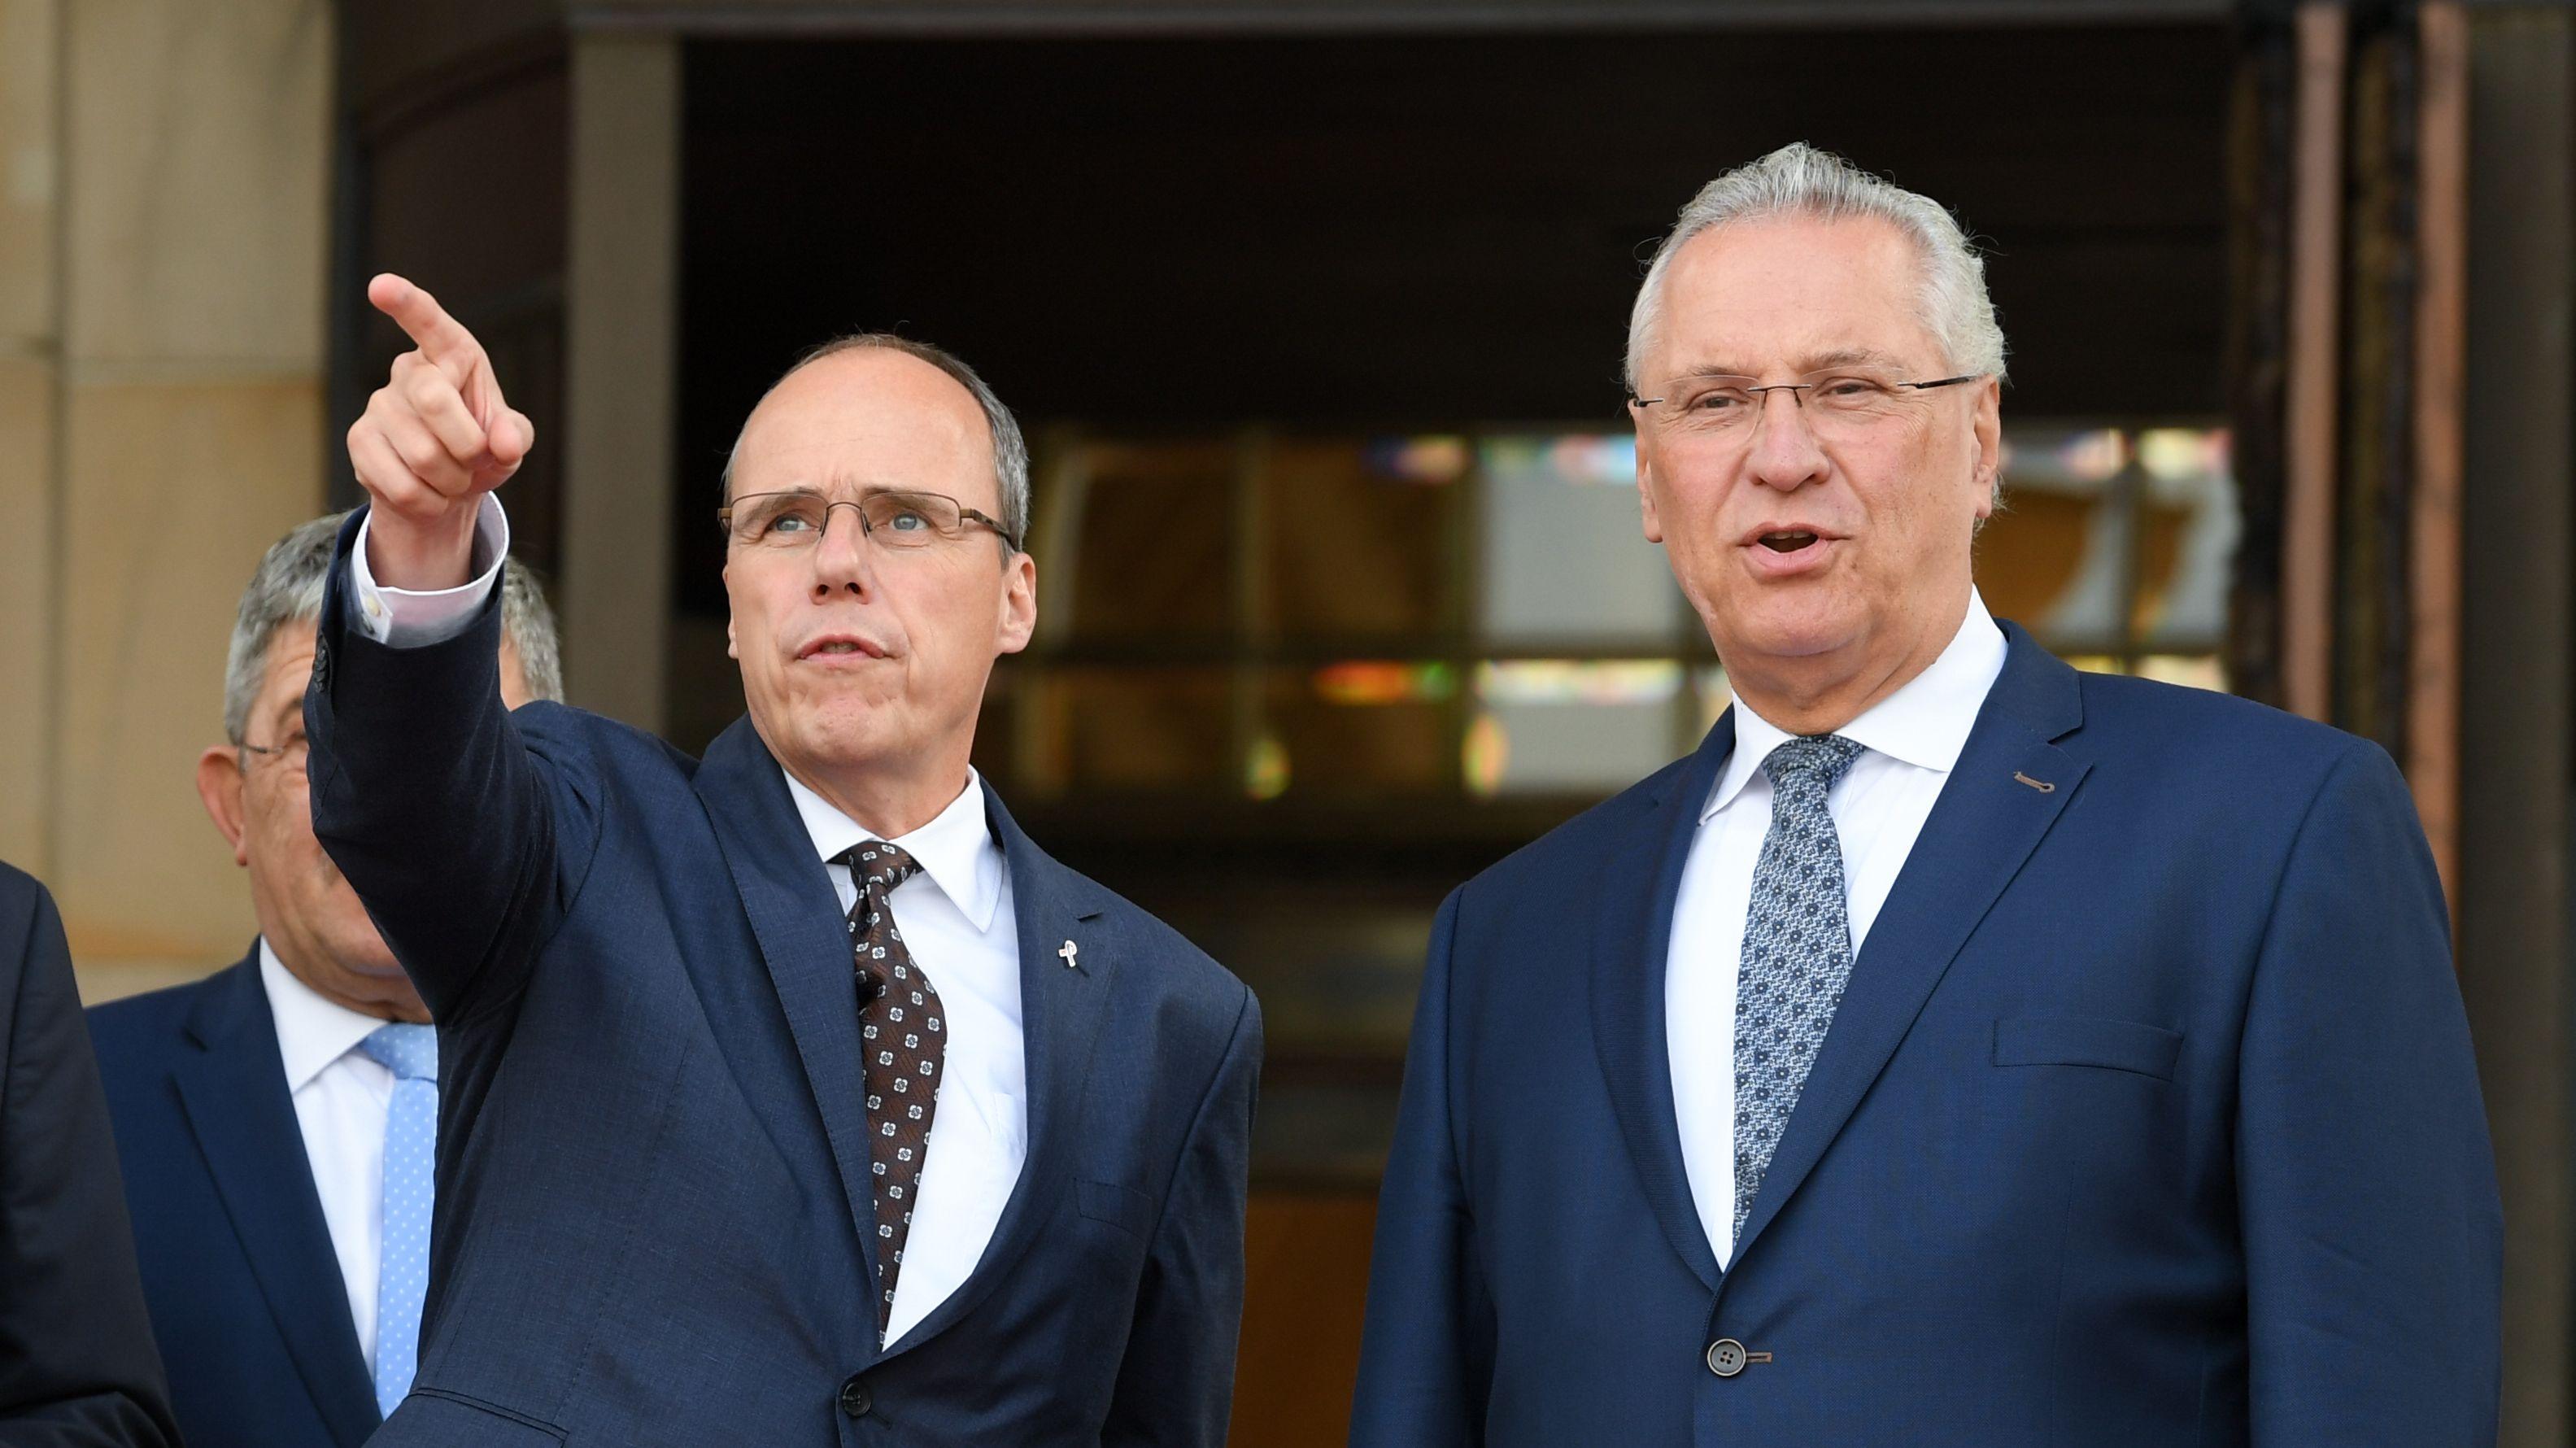 Peter Beuth, Innenminister des Landes Hessen (links), und sein Amtskollege Joachim Herrmann (CSU, Bayern)